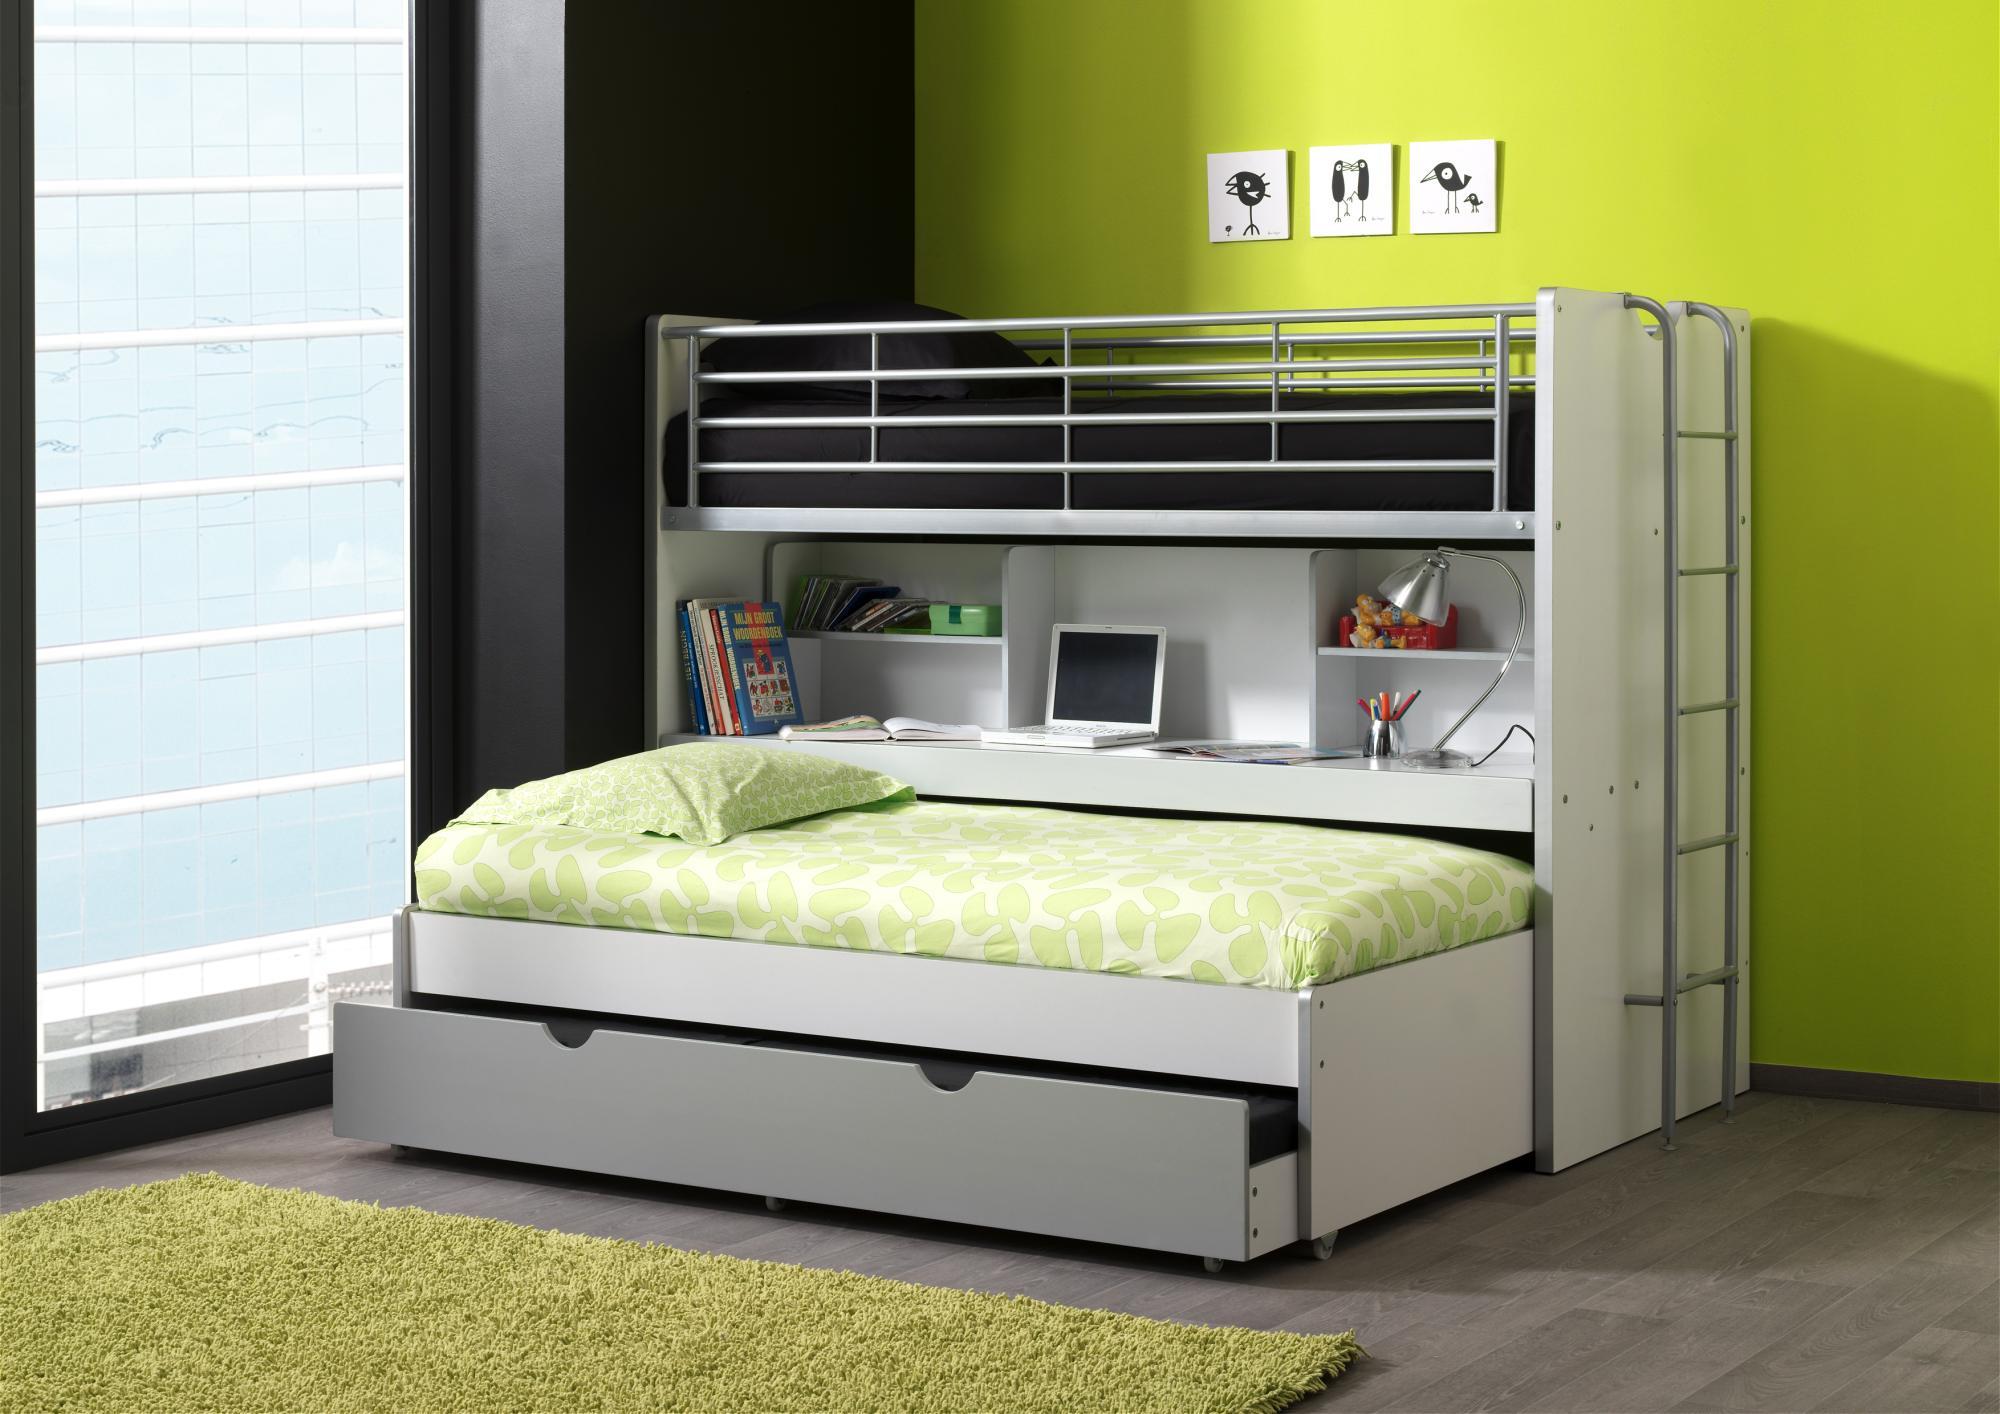 lits enfant superposés combiné avec tiroirlit blancrose